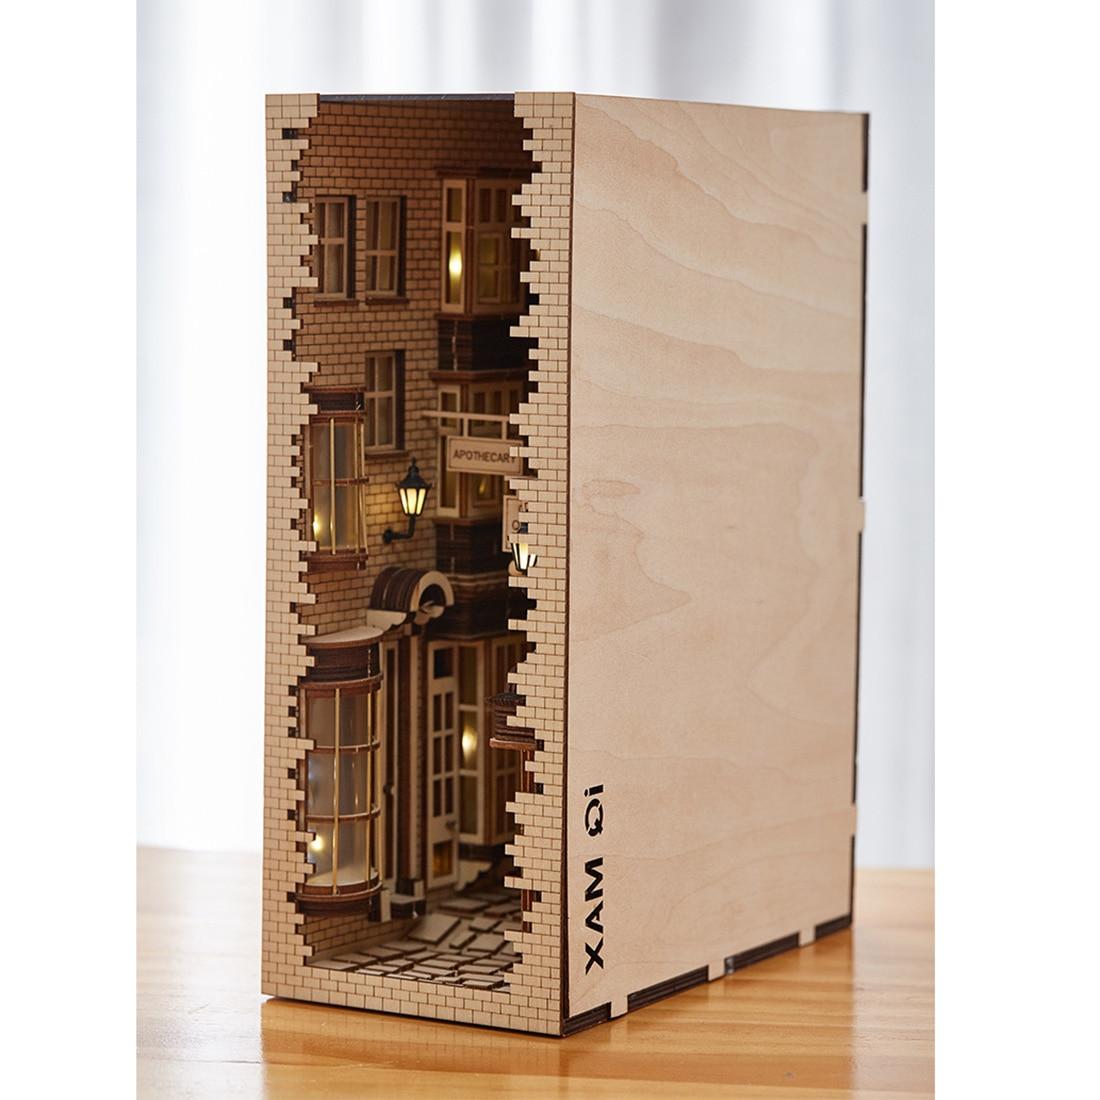 Hcc5cd756ebe24921b8818dce2fe66bd2s - Robotime - DIY Models, DIY Miniature Houses, 3d Wooden Puzzle